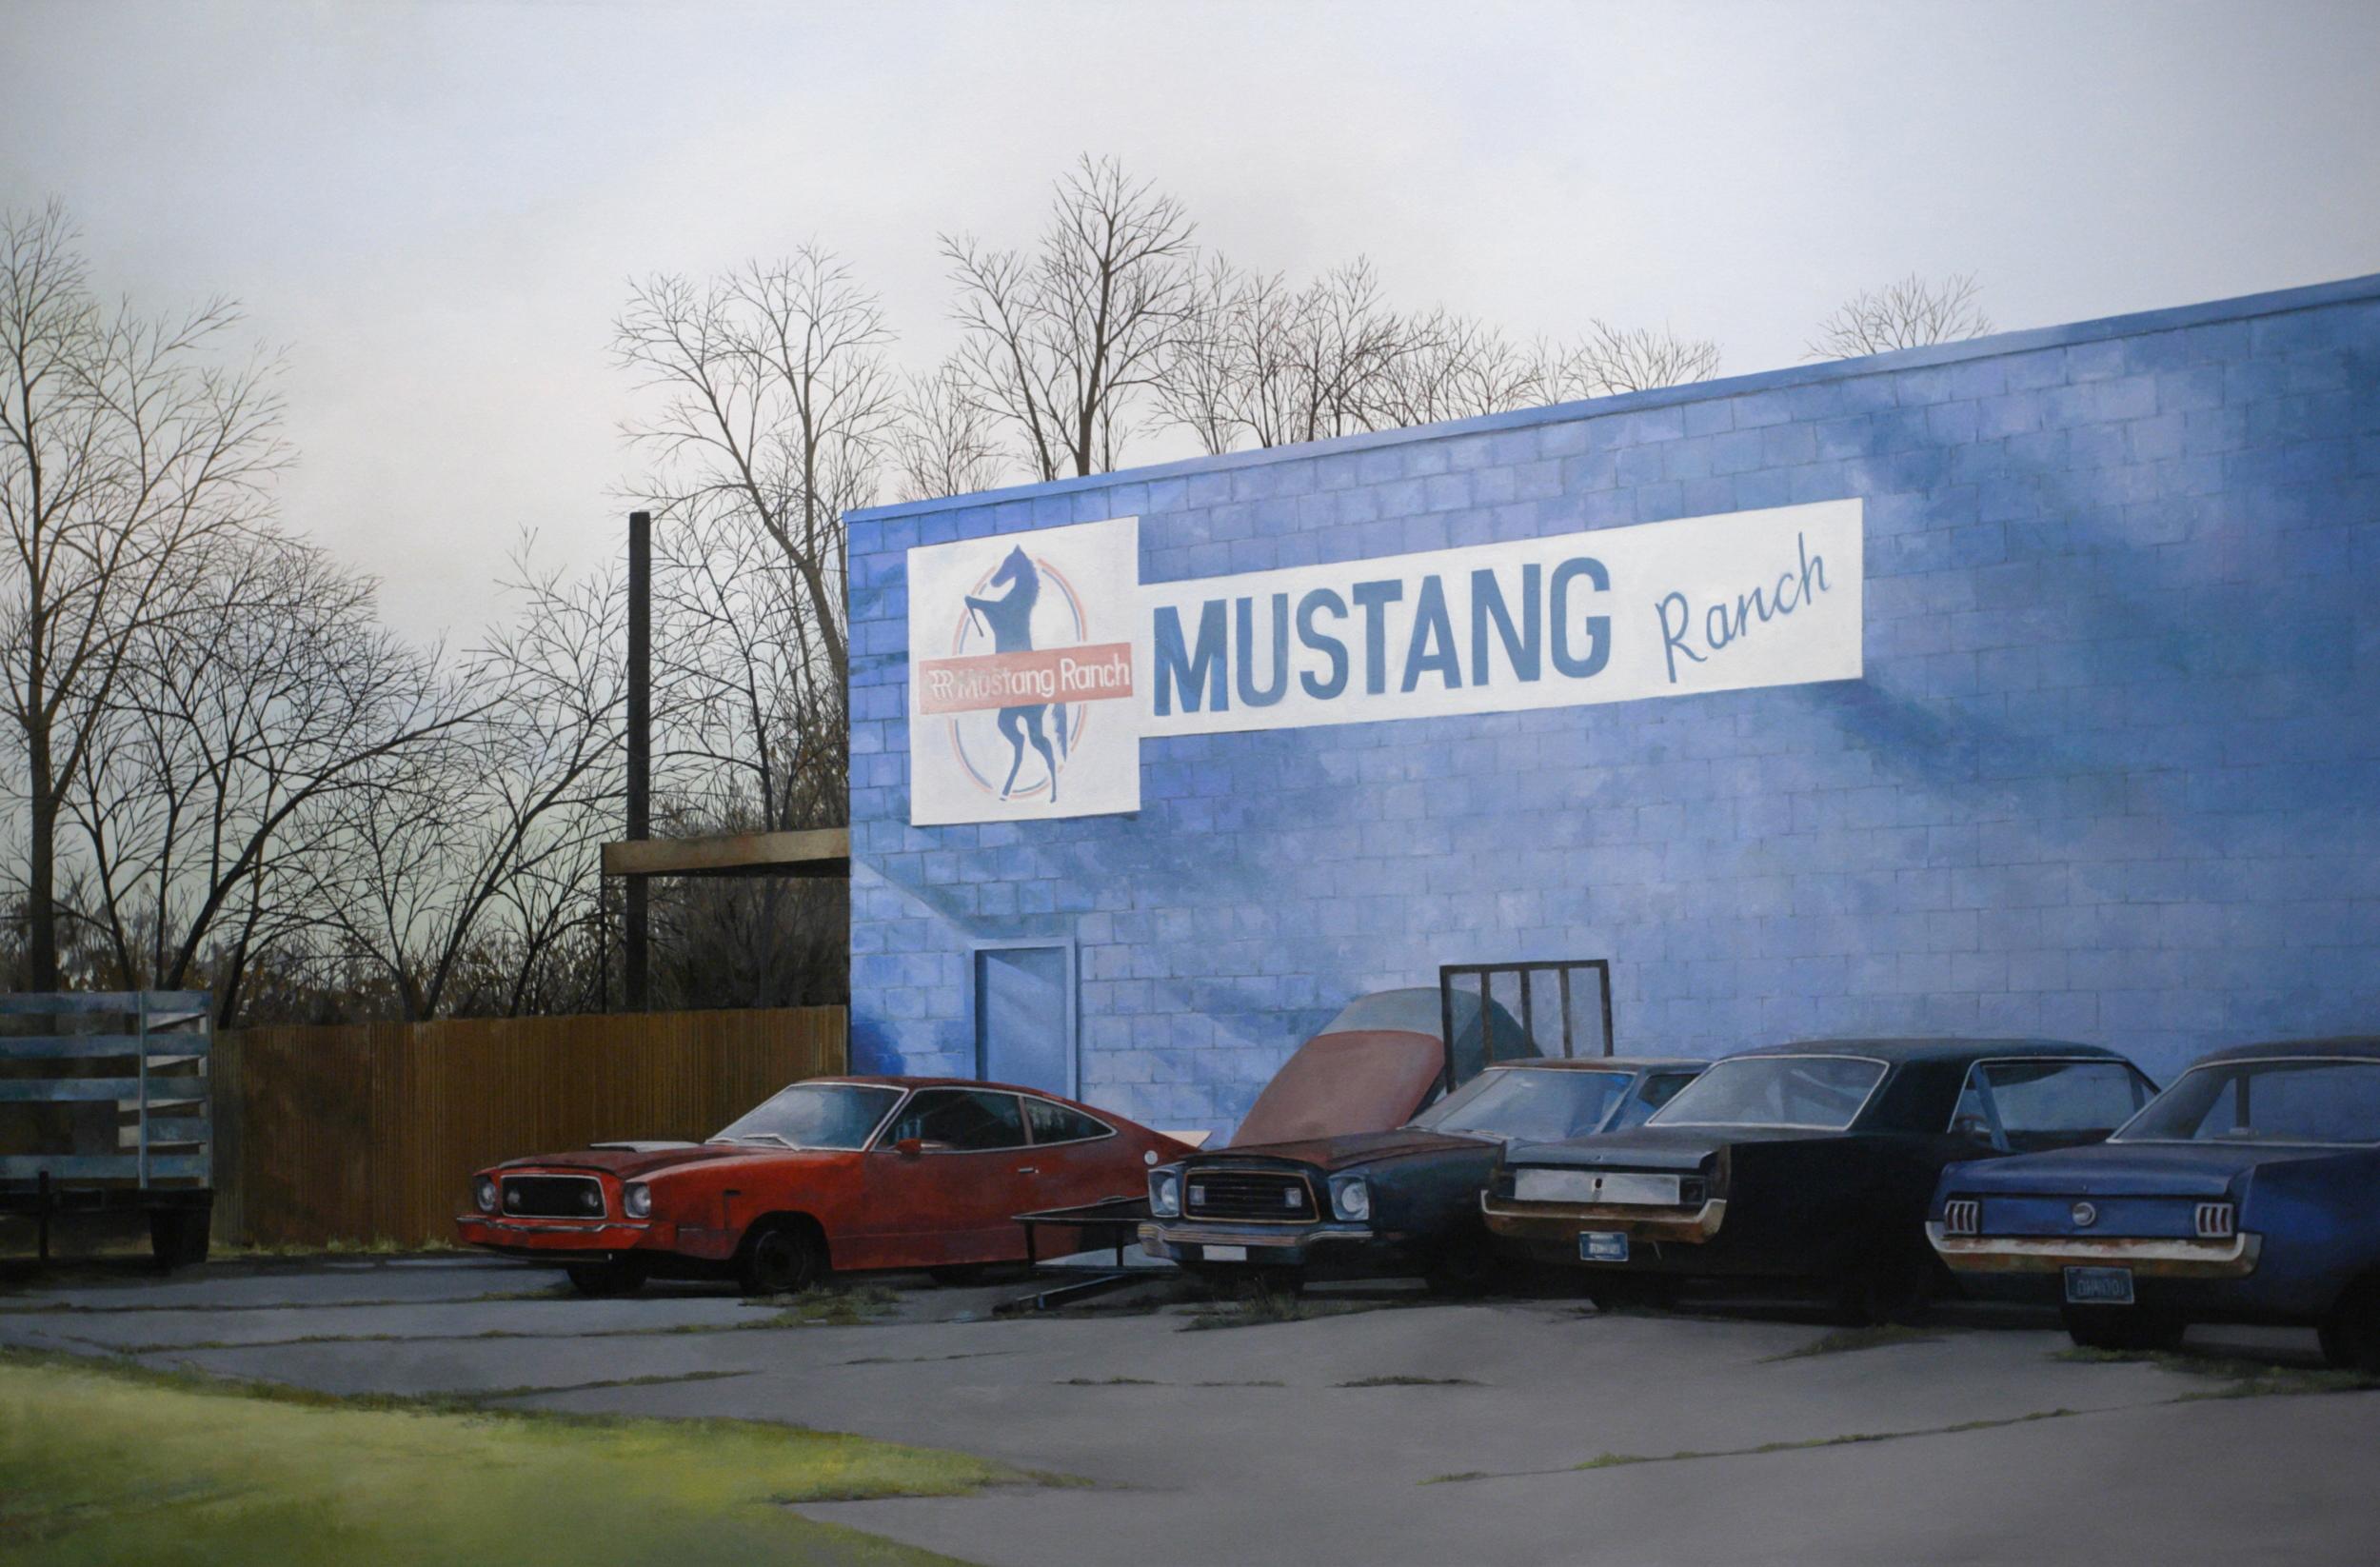 Mustang Ranch, 2010